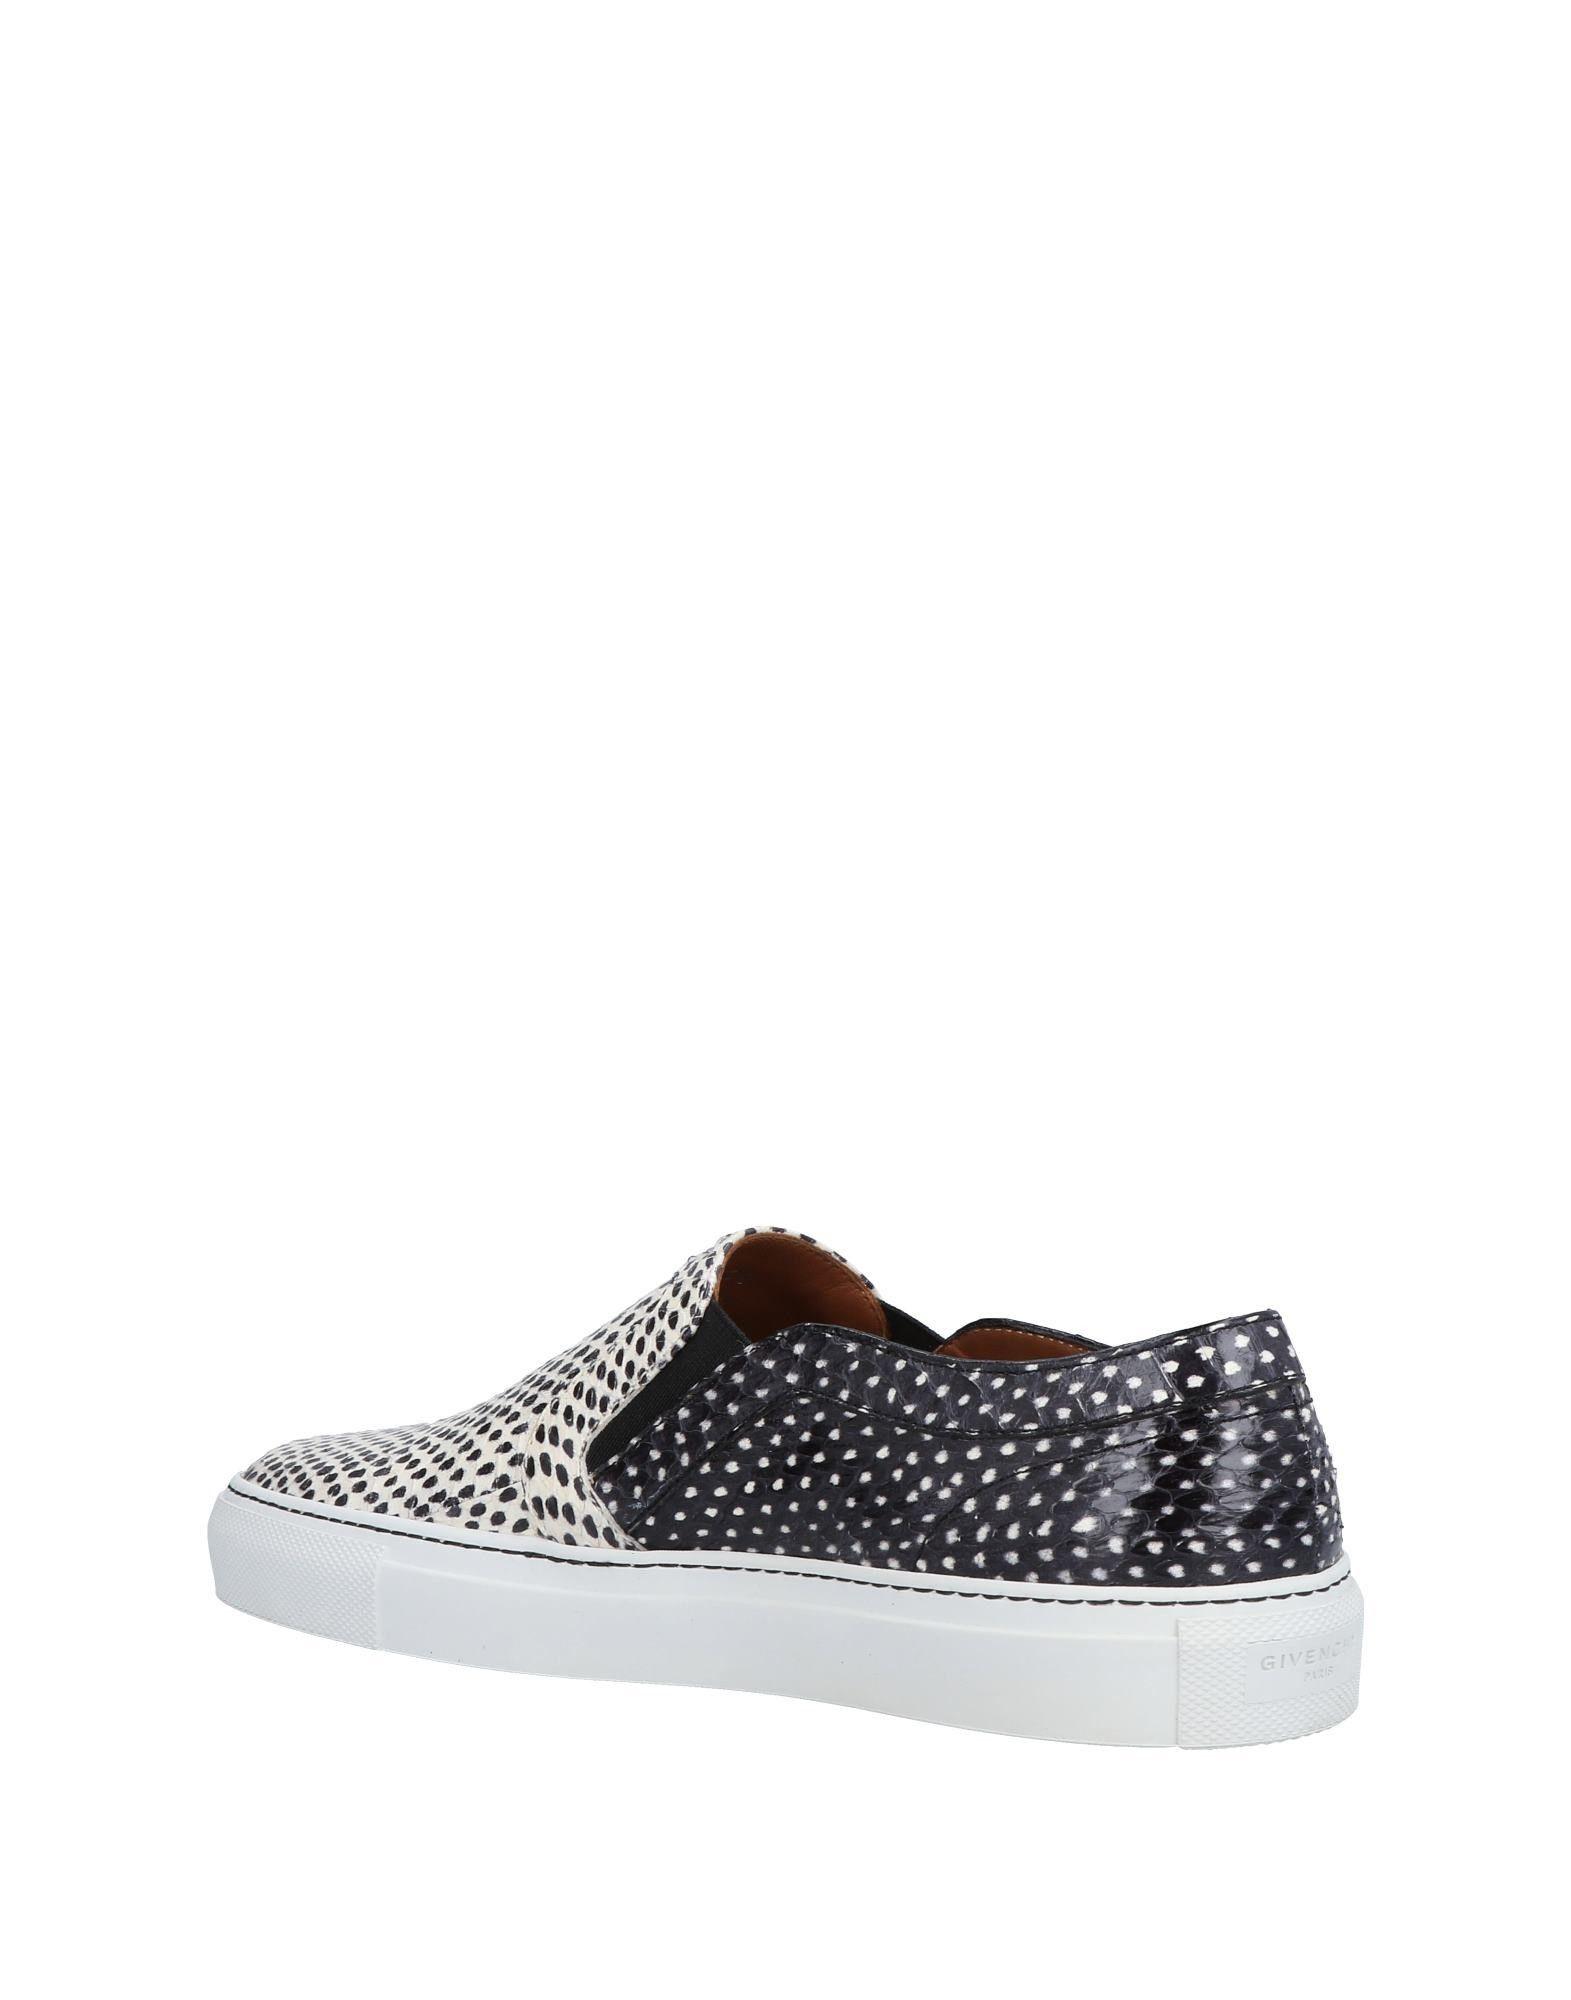 Givenchy Sneakers Damen  11503991OAGünstige gut Schuhe aussehende Schuhe gut 0b64c3